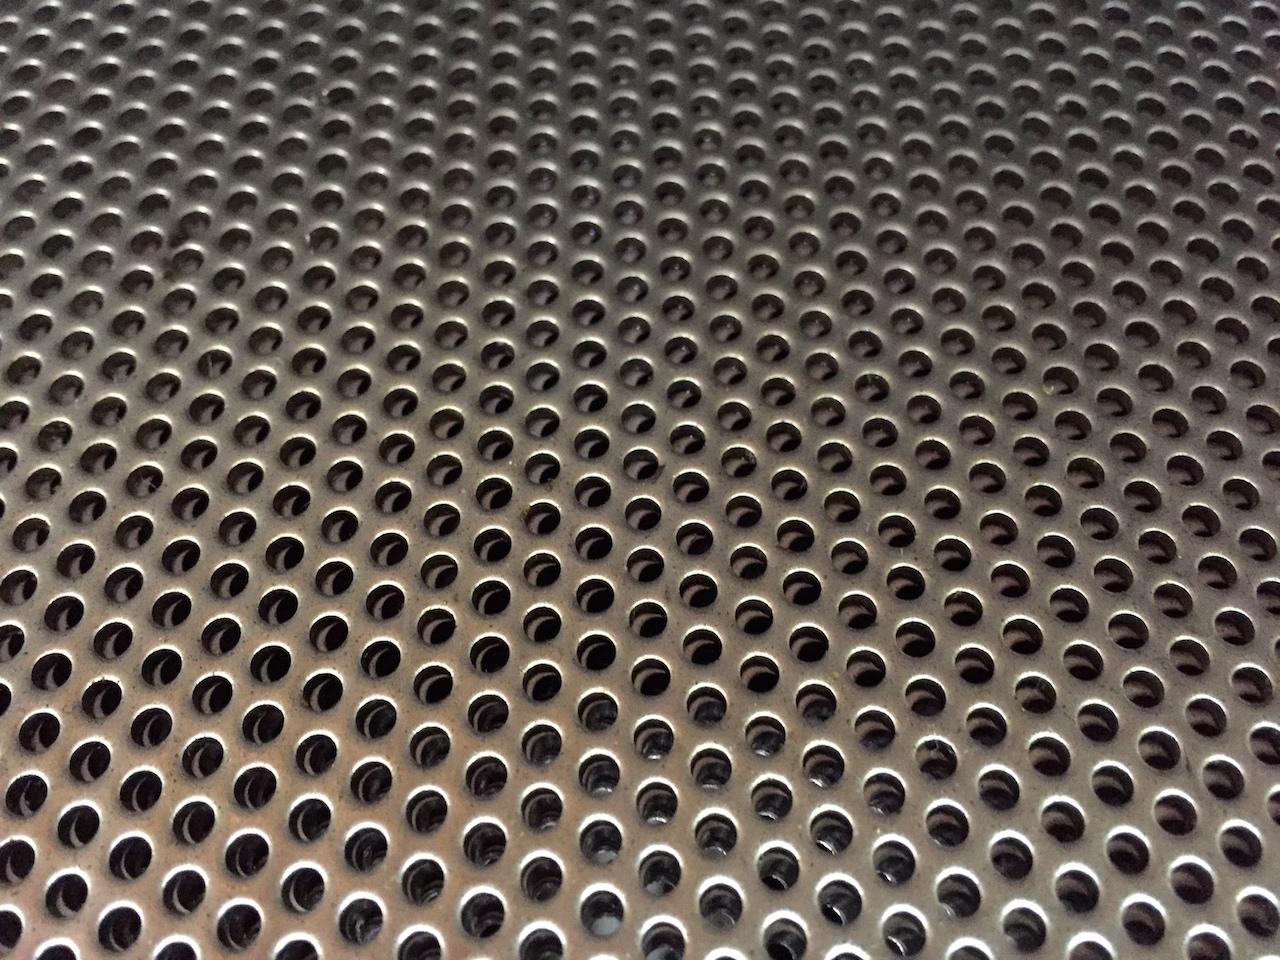 ตะแกรงเหล็ก/สเตนเลส เจาะรูกลม รูเหลียม รูสล็อต